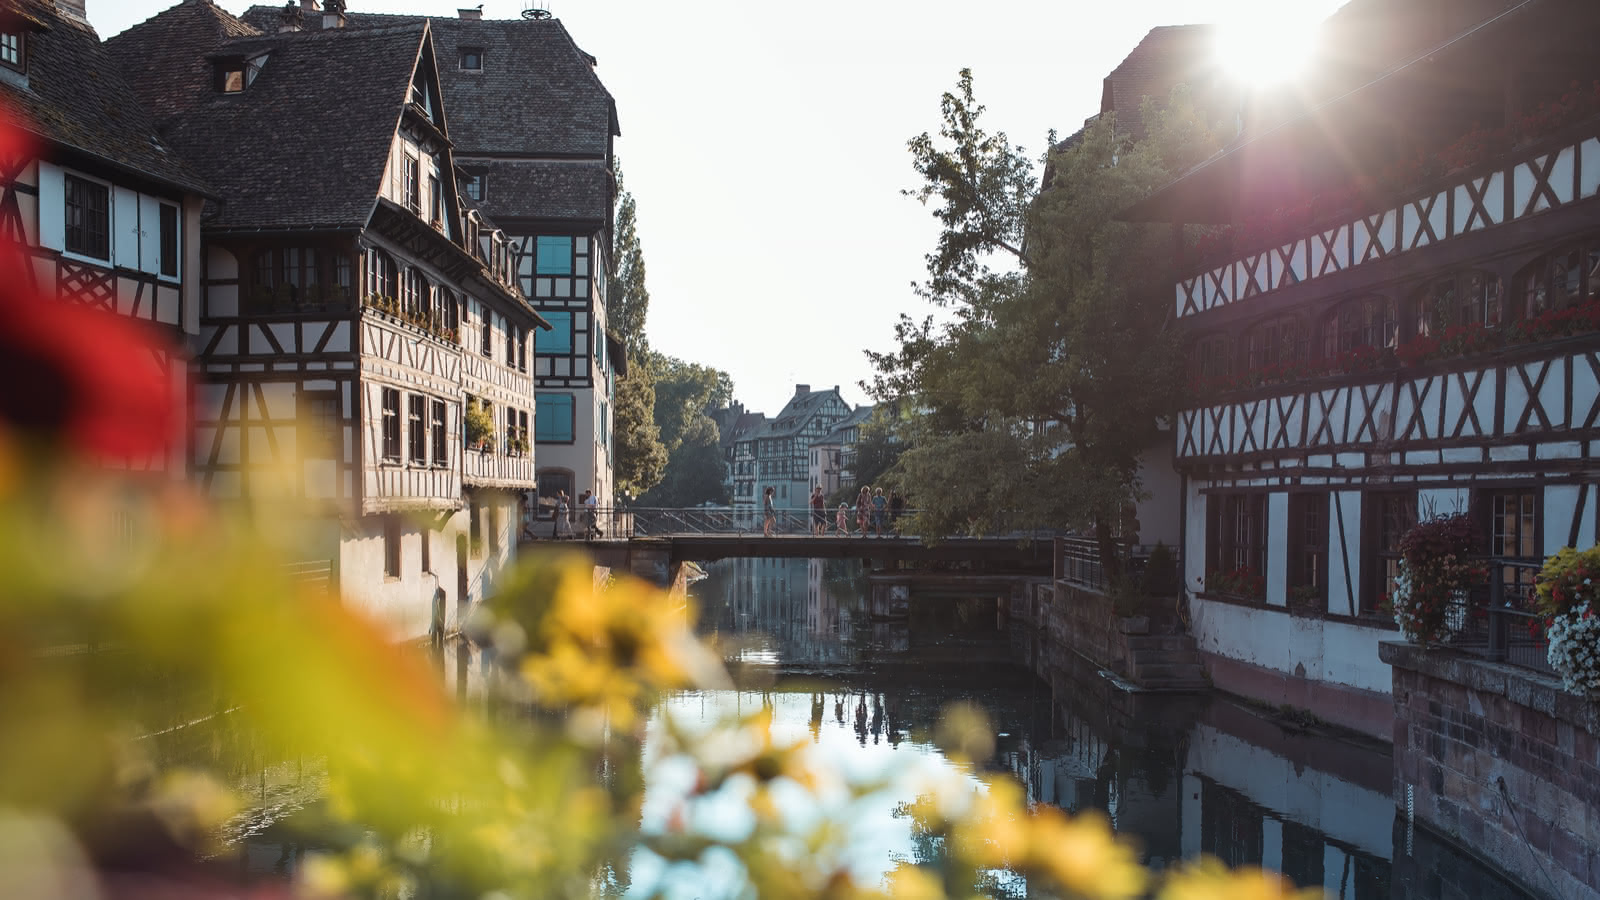 petite-france-strasbourg-grande-ile